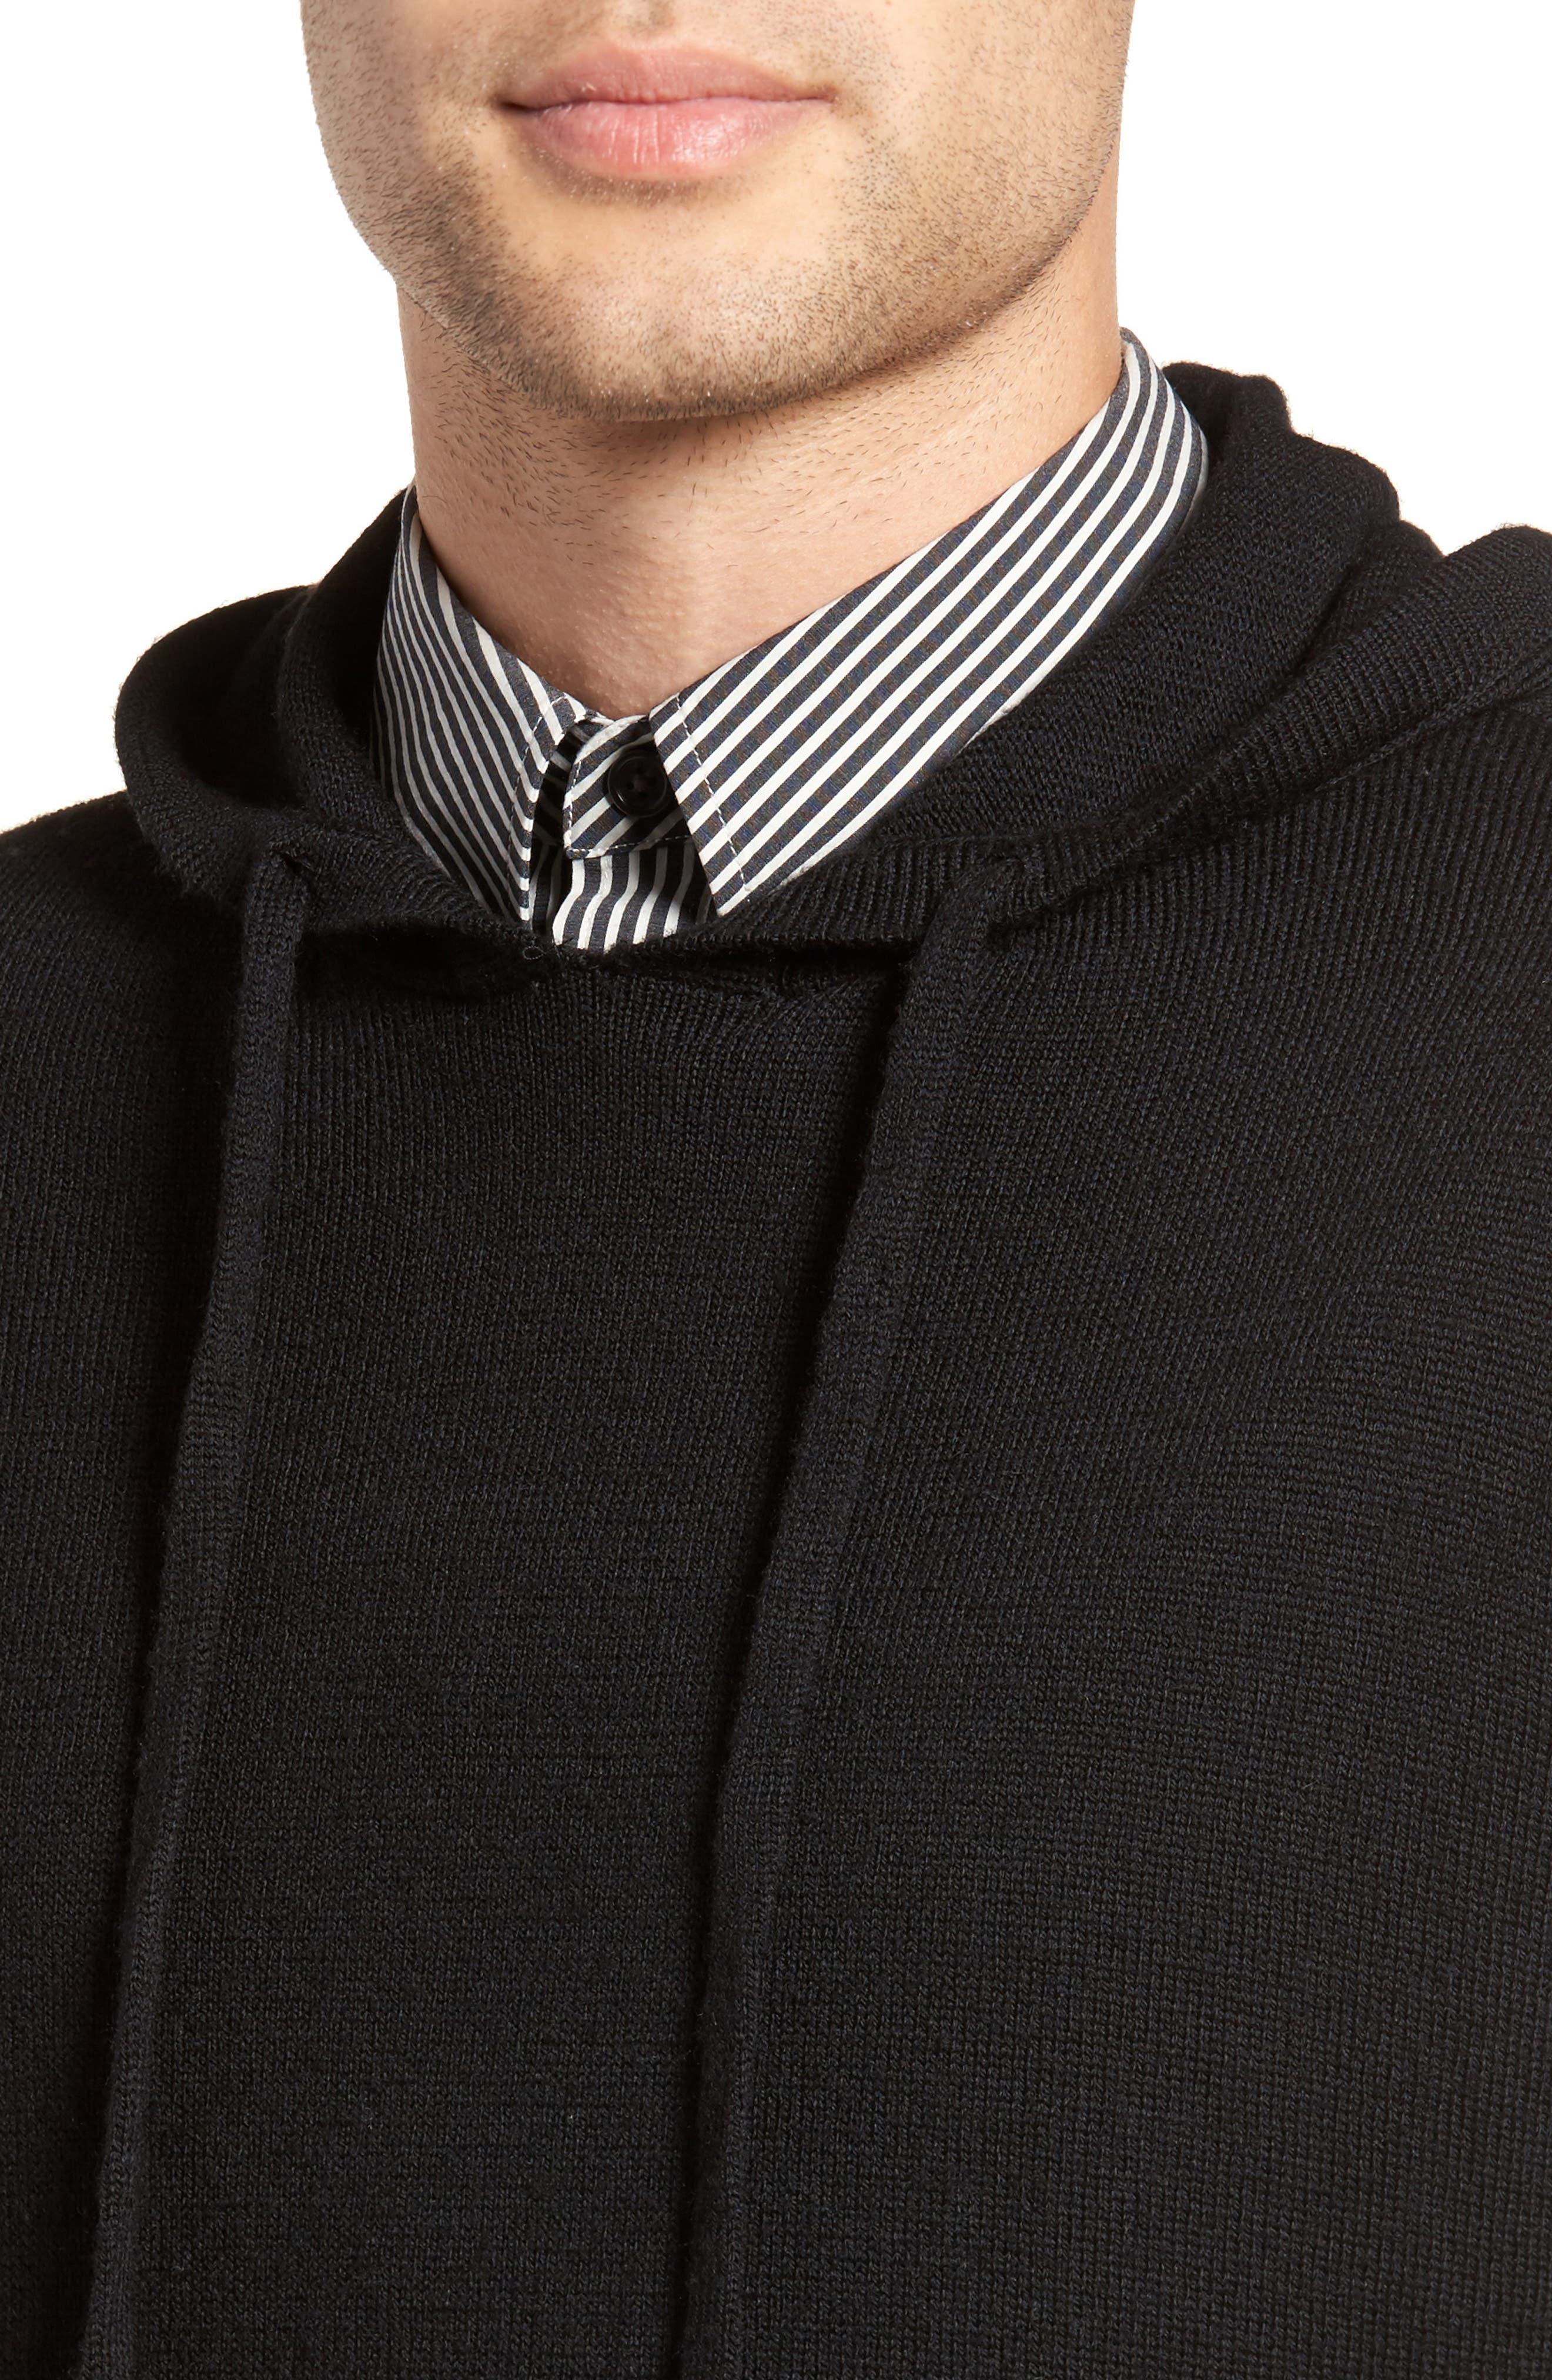 Regular Fit Merino Hooded Sweater,                             Alternate thumbnail 4, color,                             001